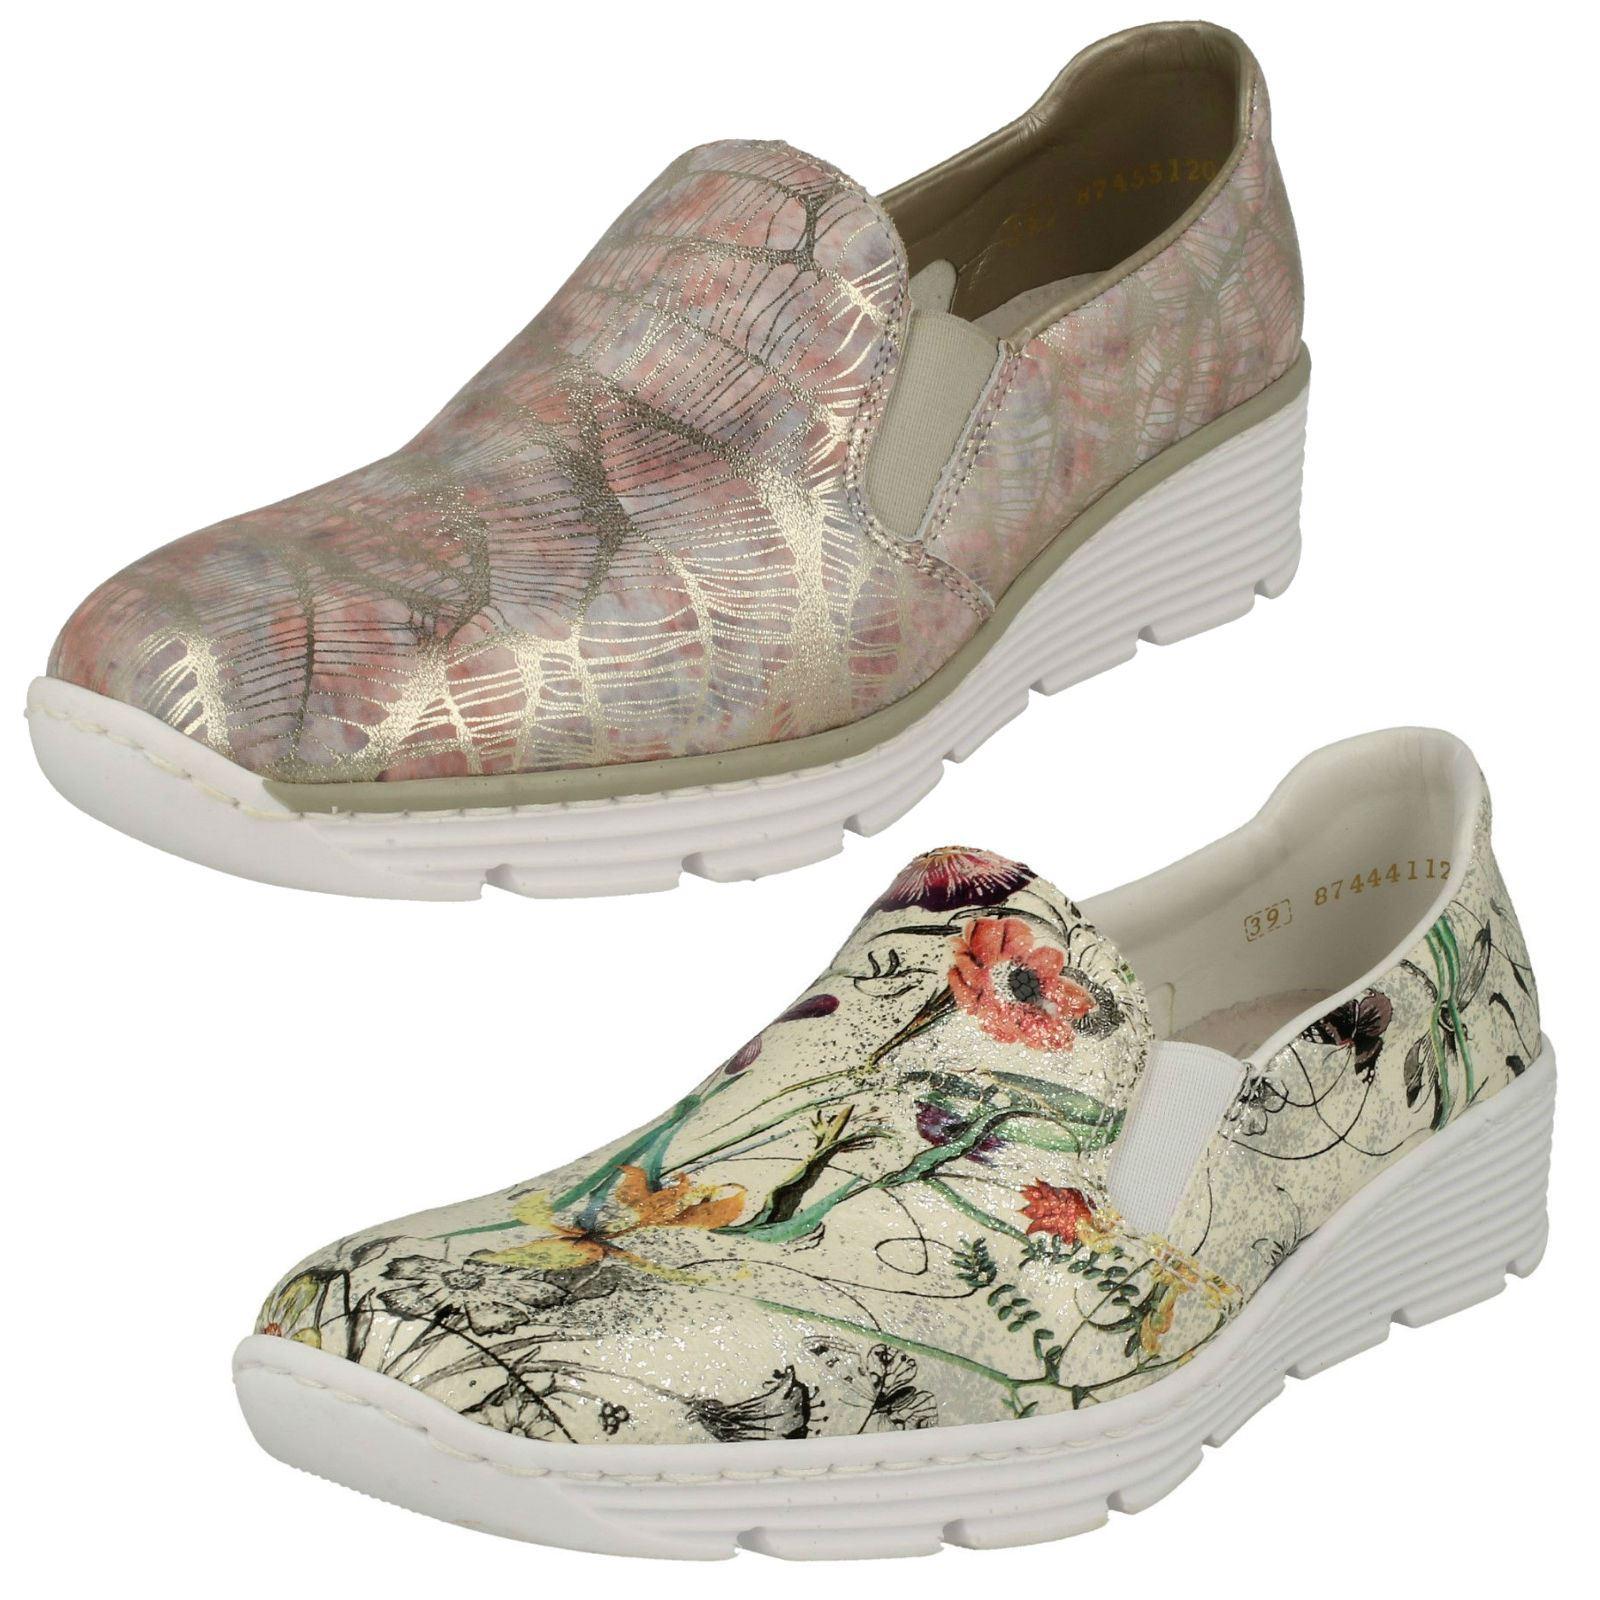 Zapatos multicolor casual Rieker 58766 para mujer w9LywqaBRk